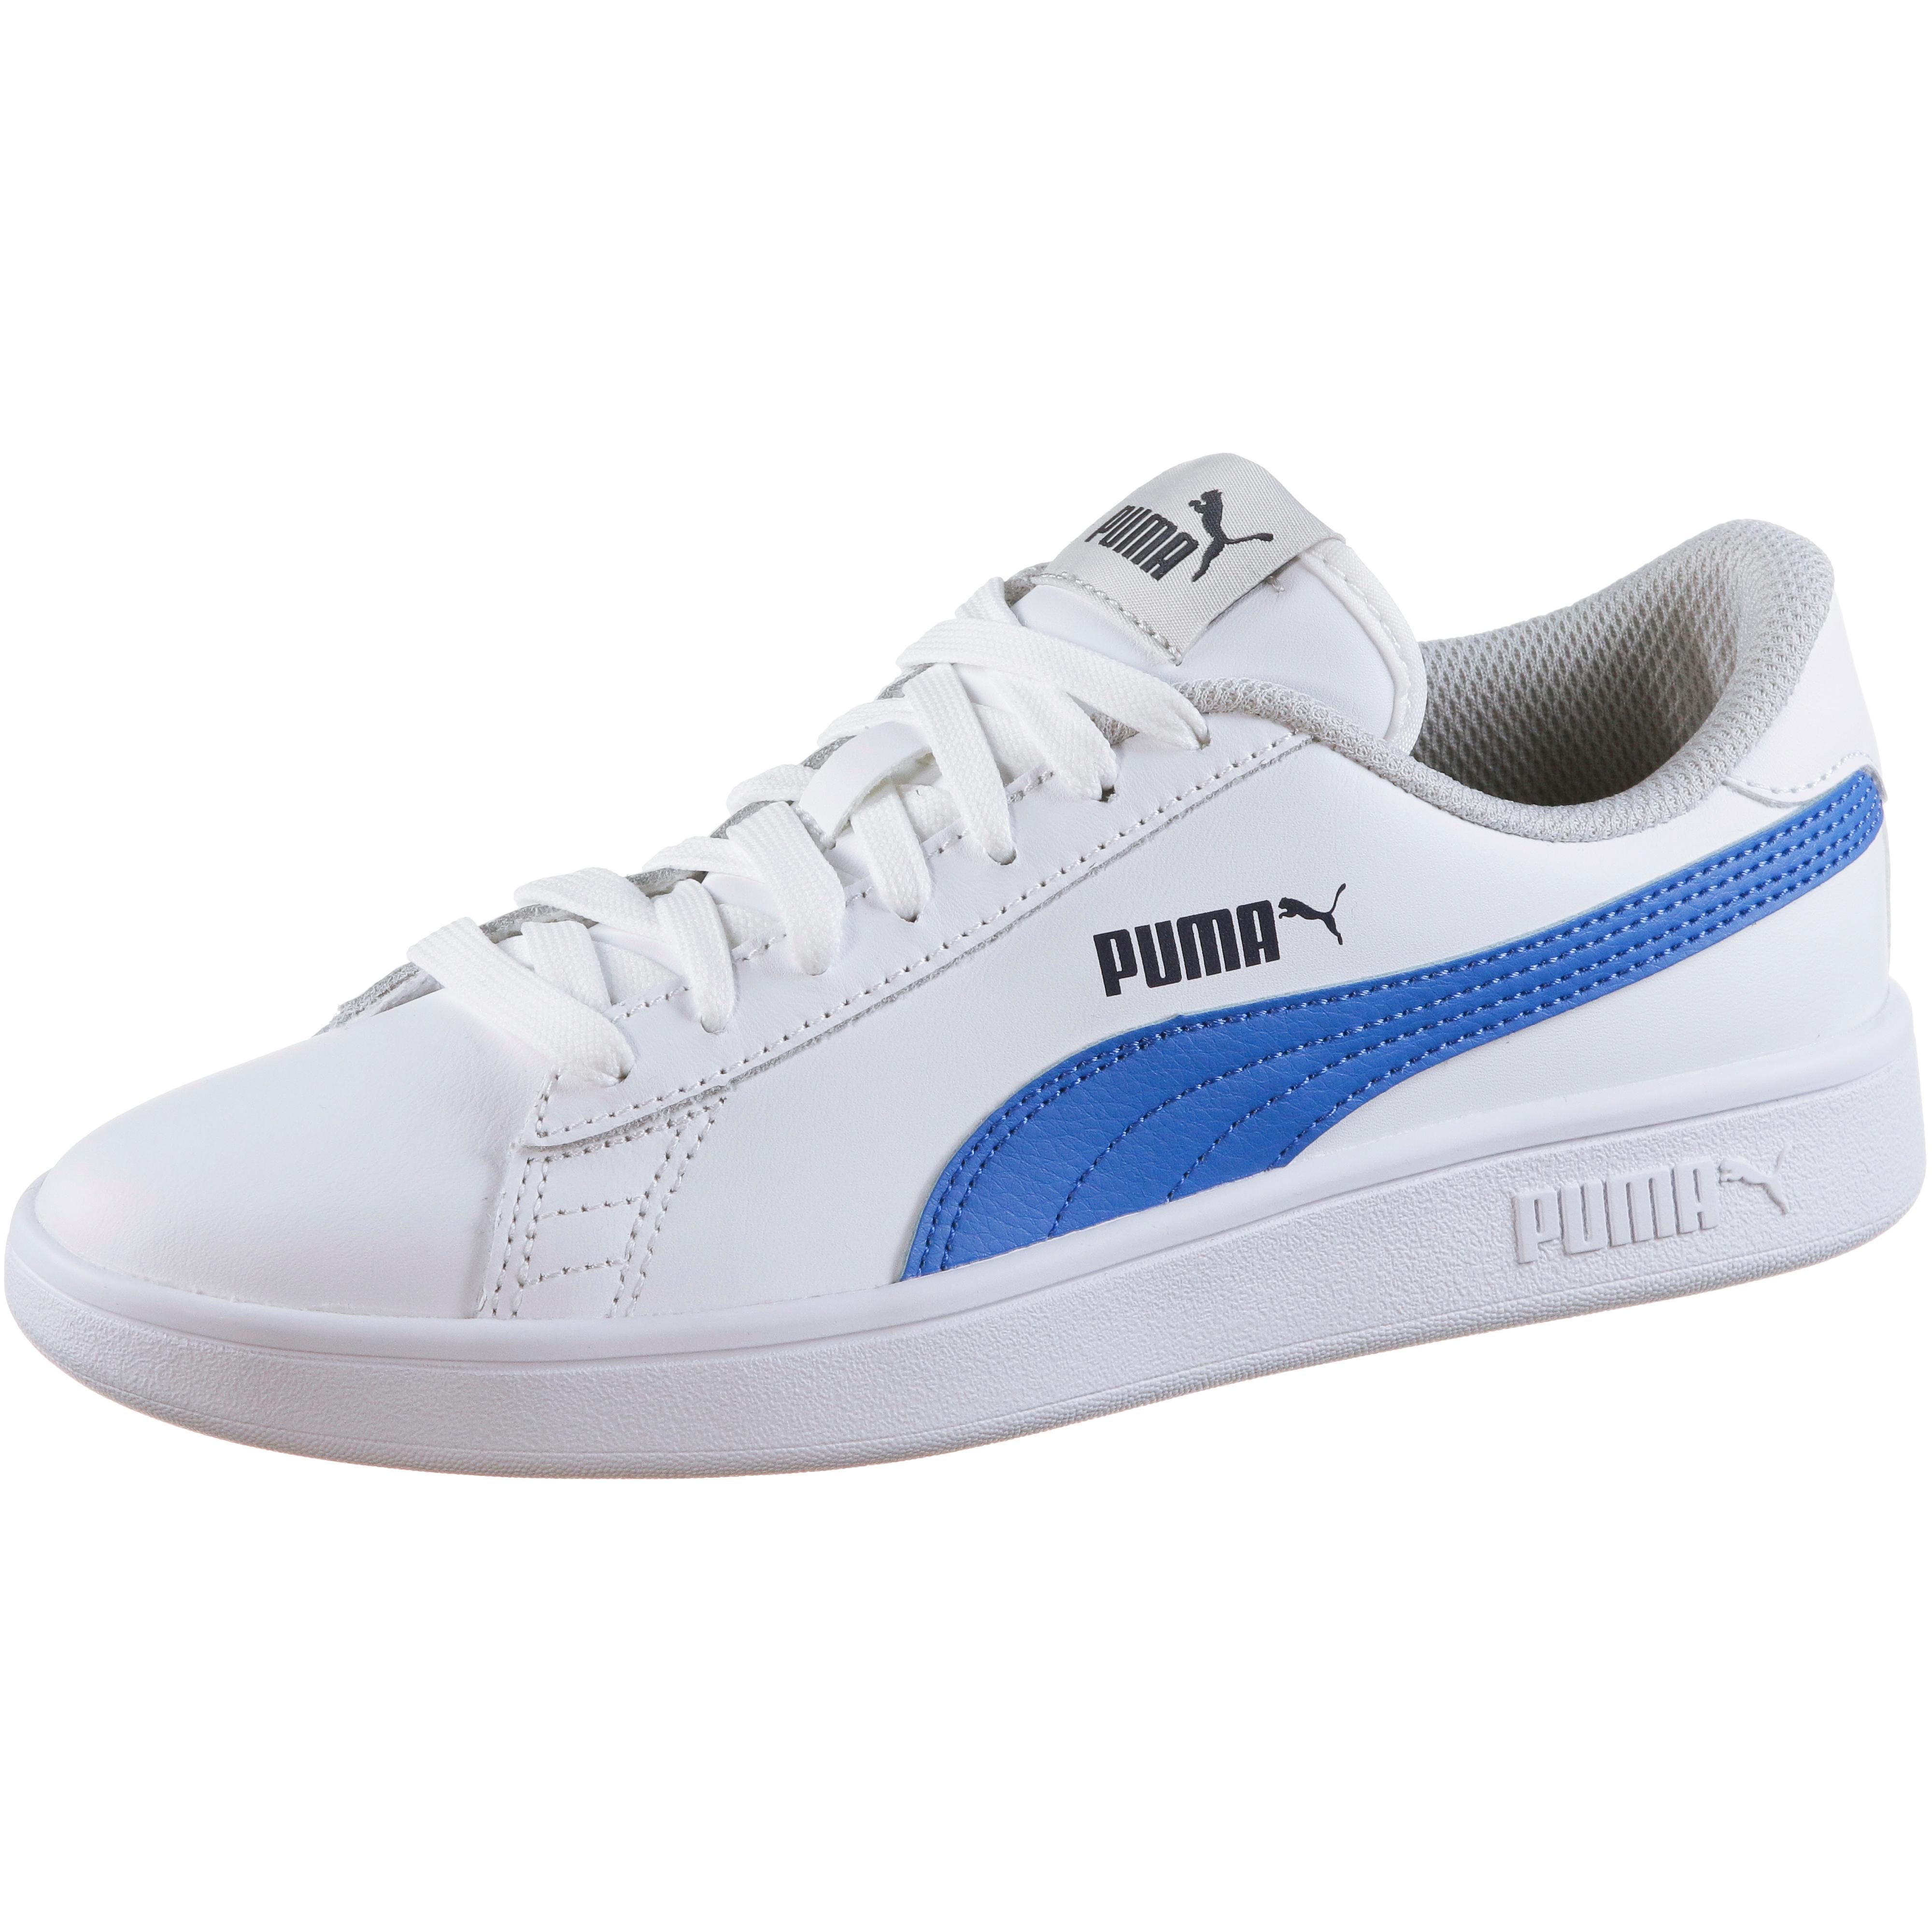 PUMA Sneakers für Kinder günstig kaufen | mirapodo